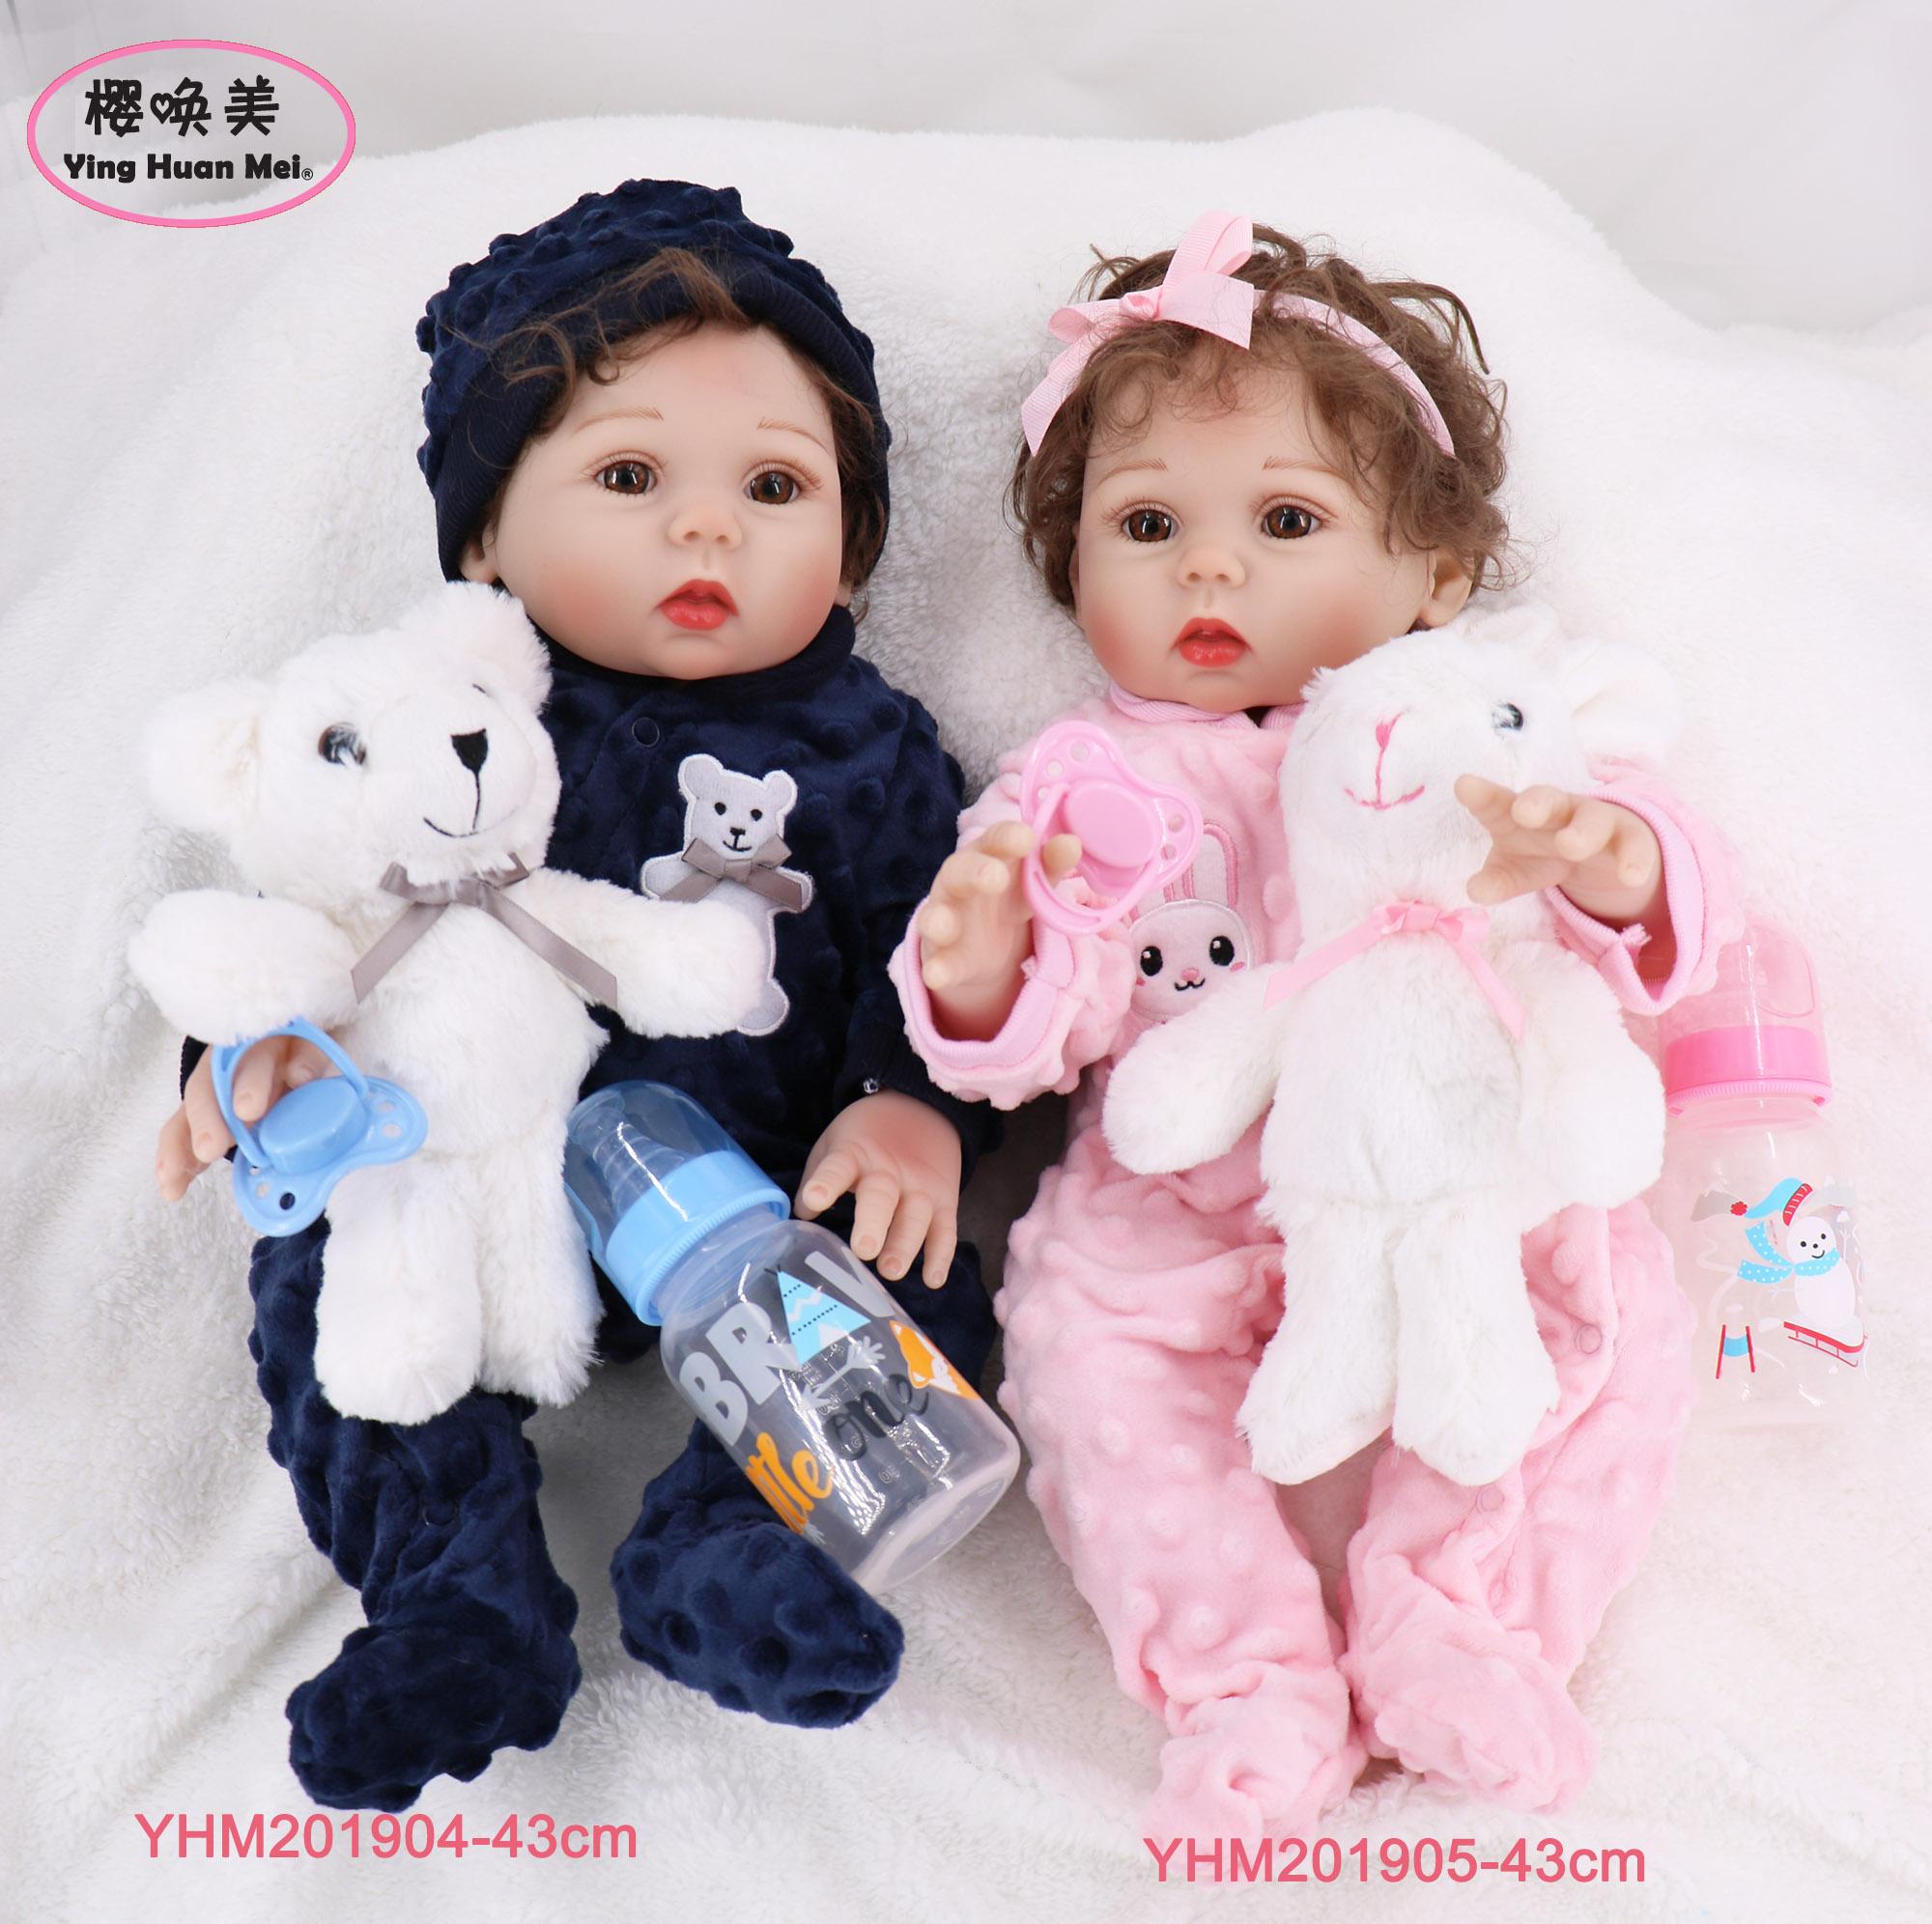 43cm 17'' Full Body SIlicone Reborn Babies Doll Twins Bath Toy Lifelike New Born Princess Baby Doll Bonecas Bebes Reborn Doll